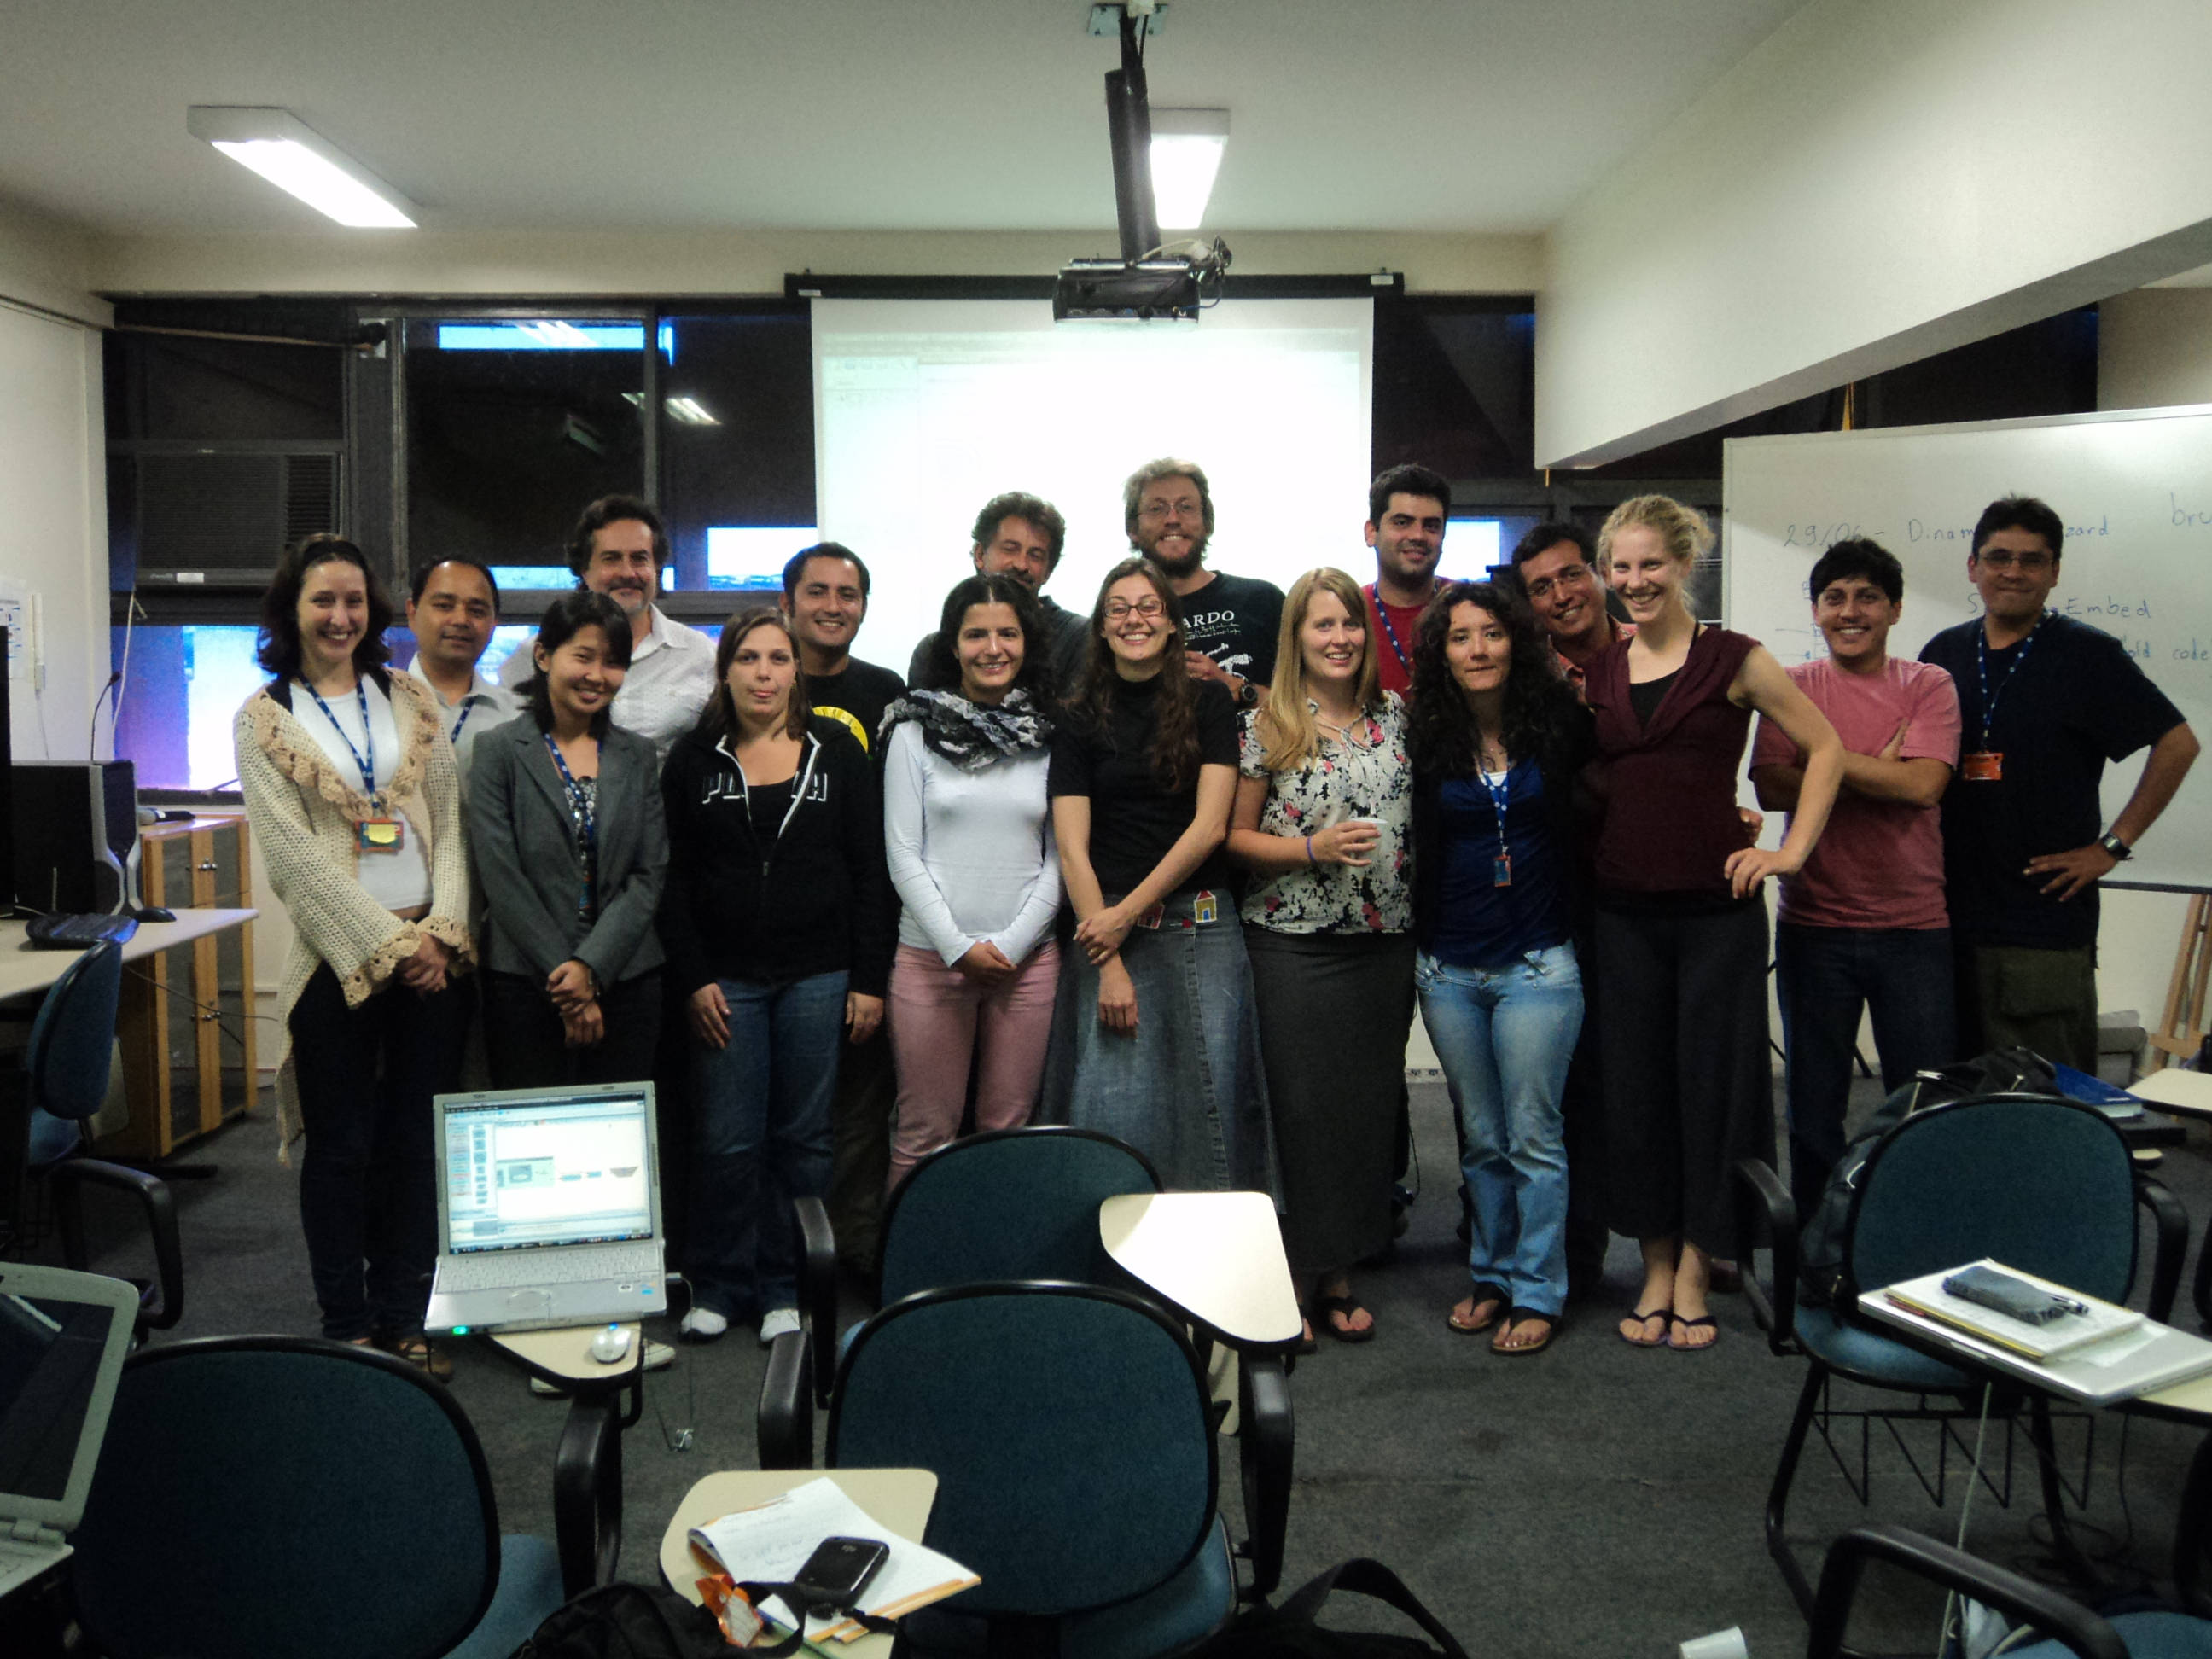 Curso de Dinamica EGO - Avançado, UFMG, Belo Horizonte, 2011